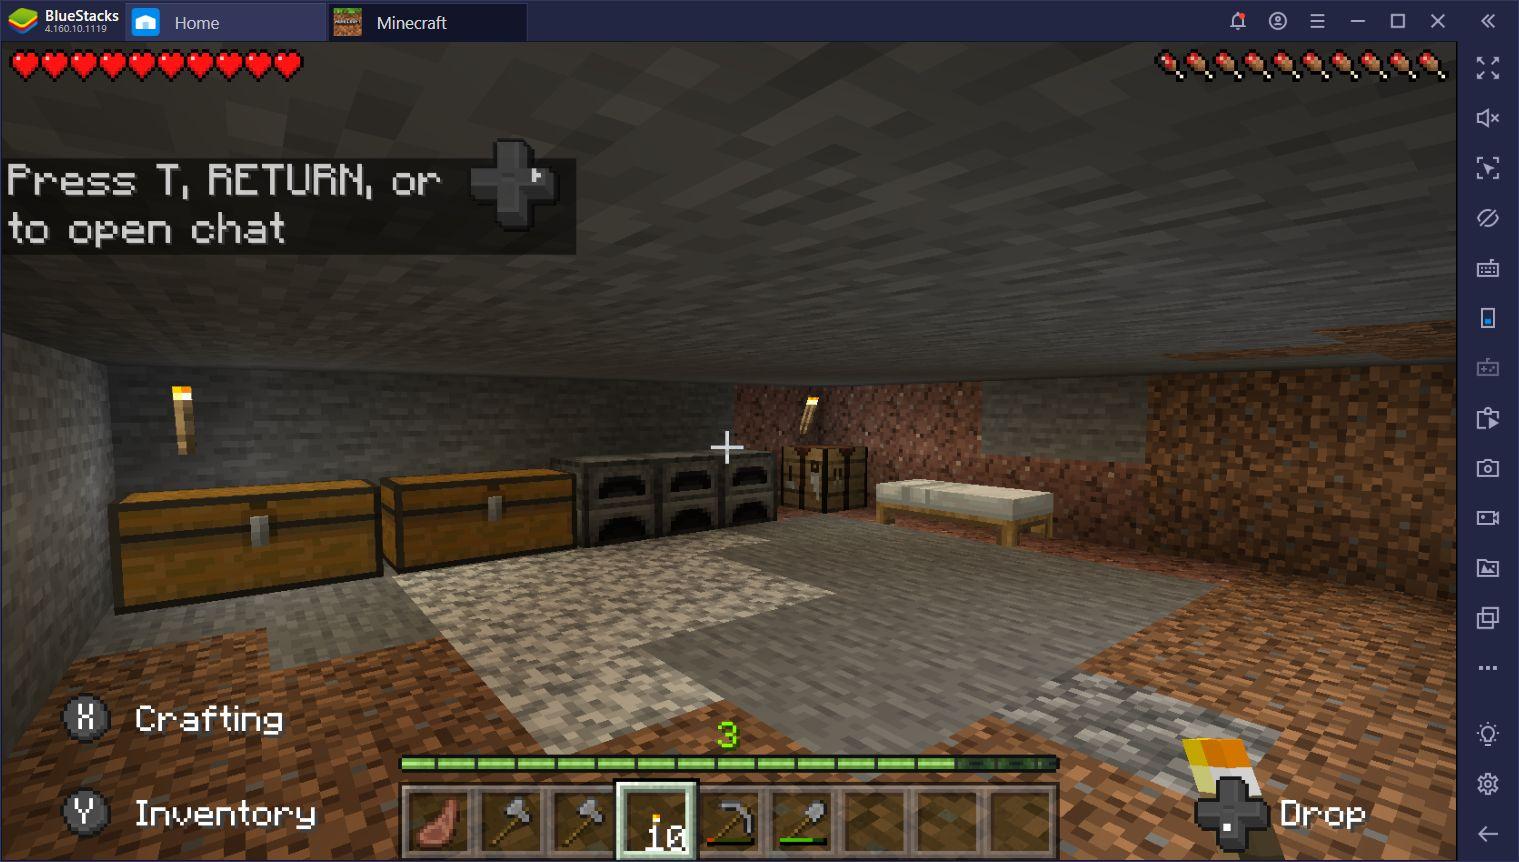 Minecraft auf dem PC – Mining-Leitfaden: So sammelst du Materialien und bleibst dabei sicher